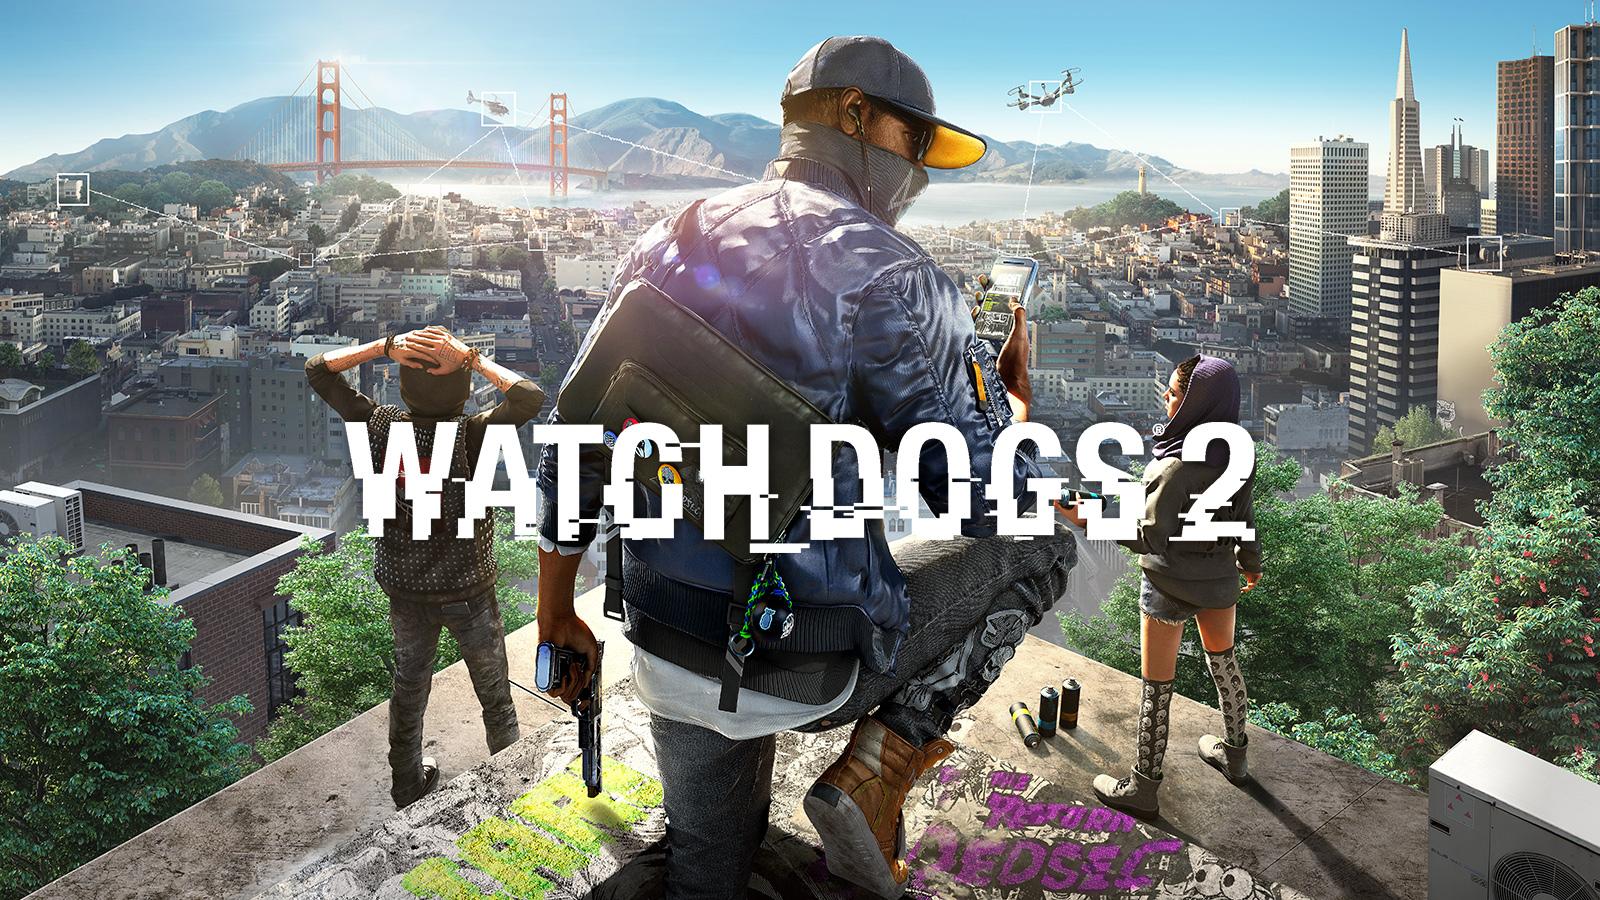 Watch Dogs 2 dù còn 2 tuần nữa mới ra mắt trên PC nhưng game thủ Việt đừng mong có crack